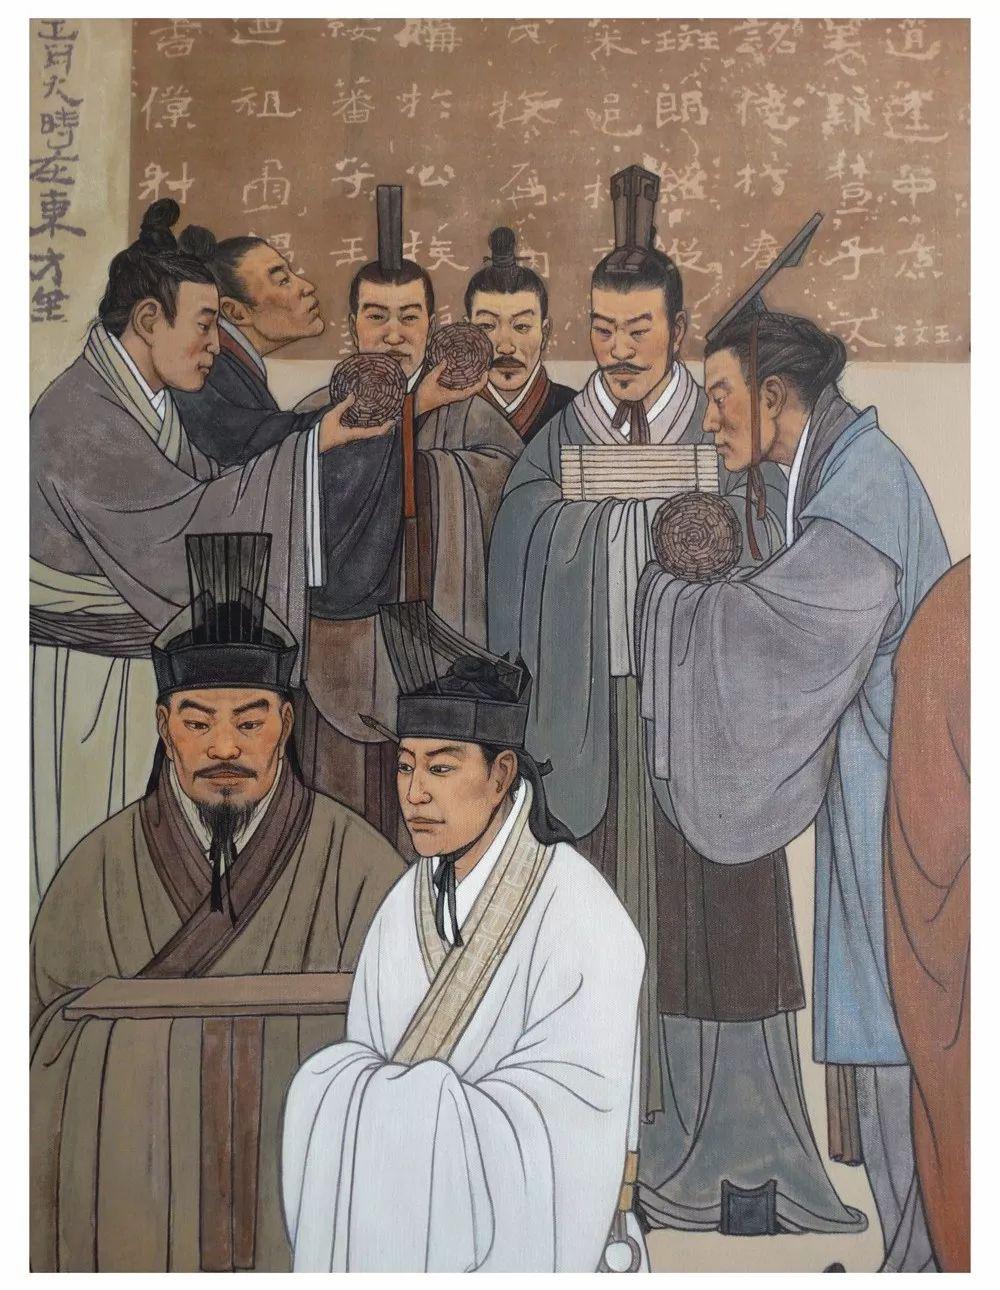 蒙古族画家达林太作品欣赏 第9张